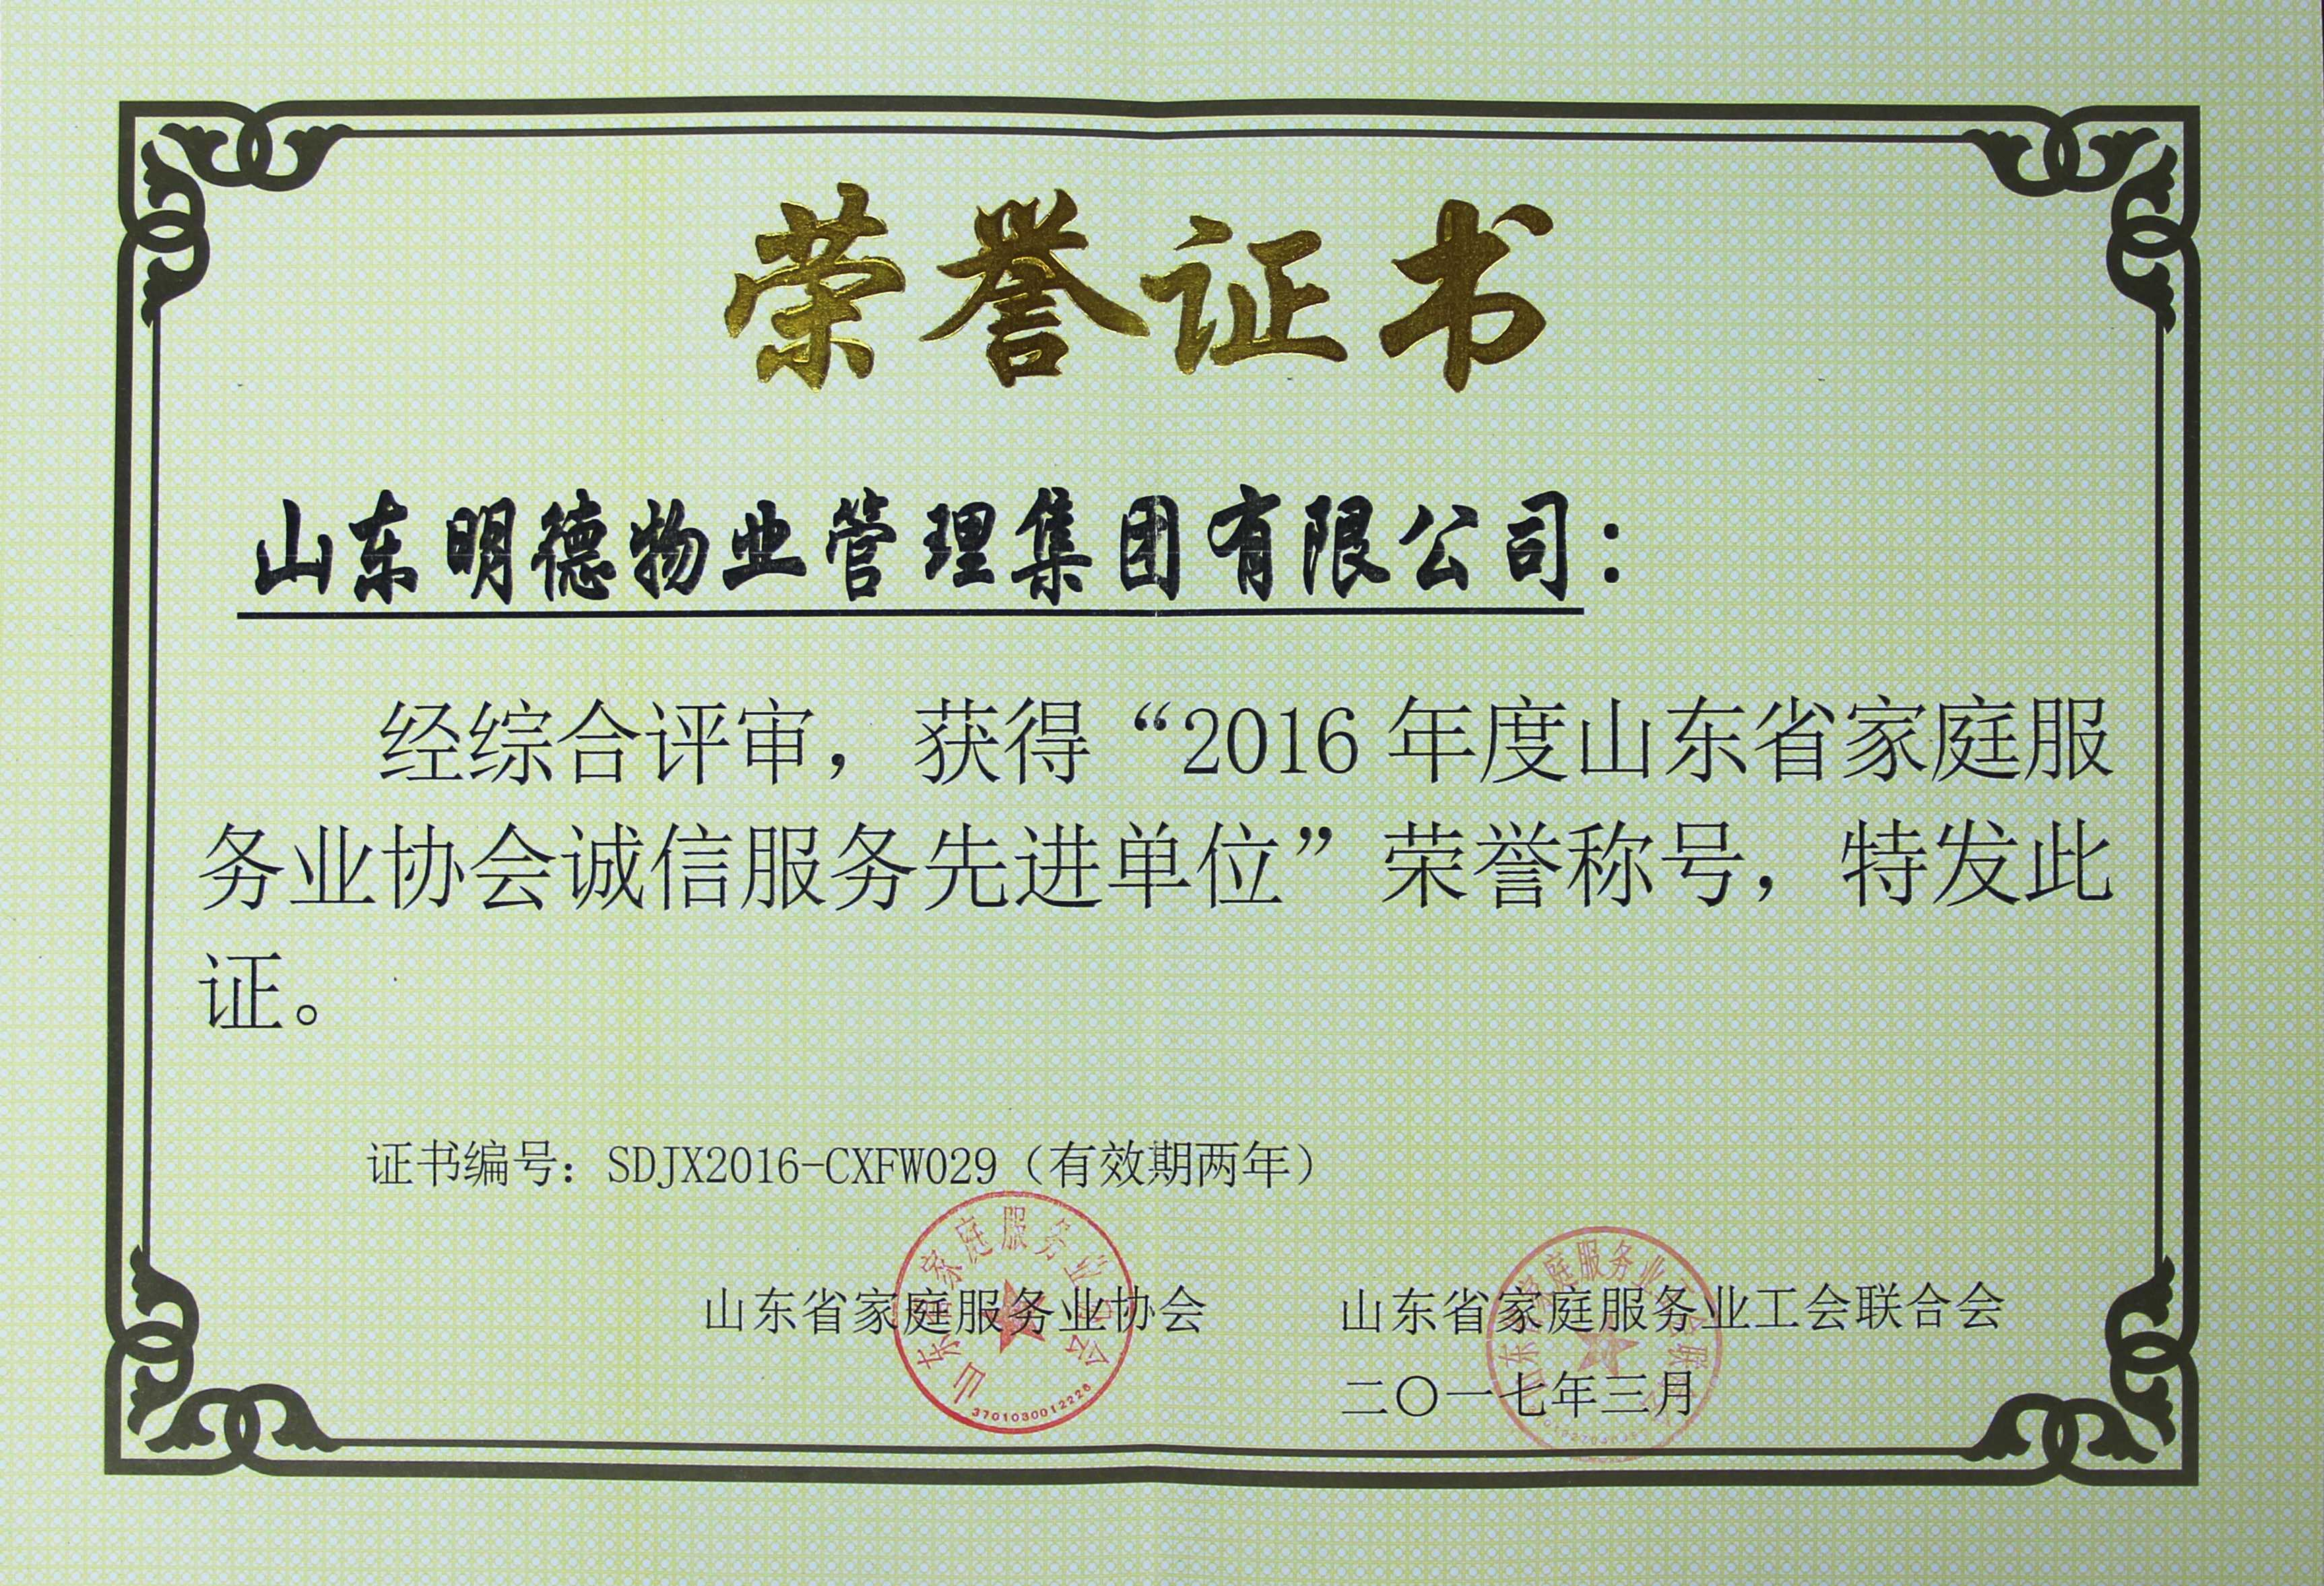 江苏省家庭服务业协会诚信服务先进单位